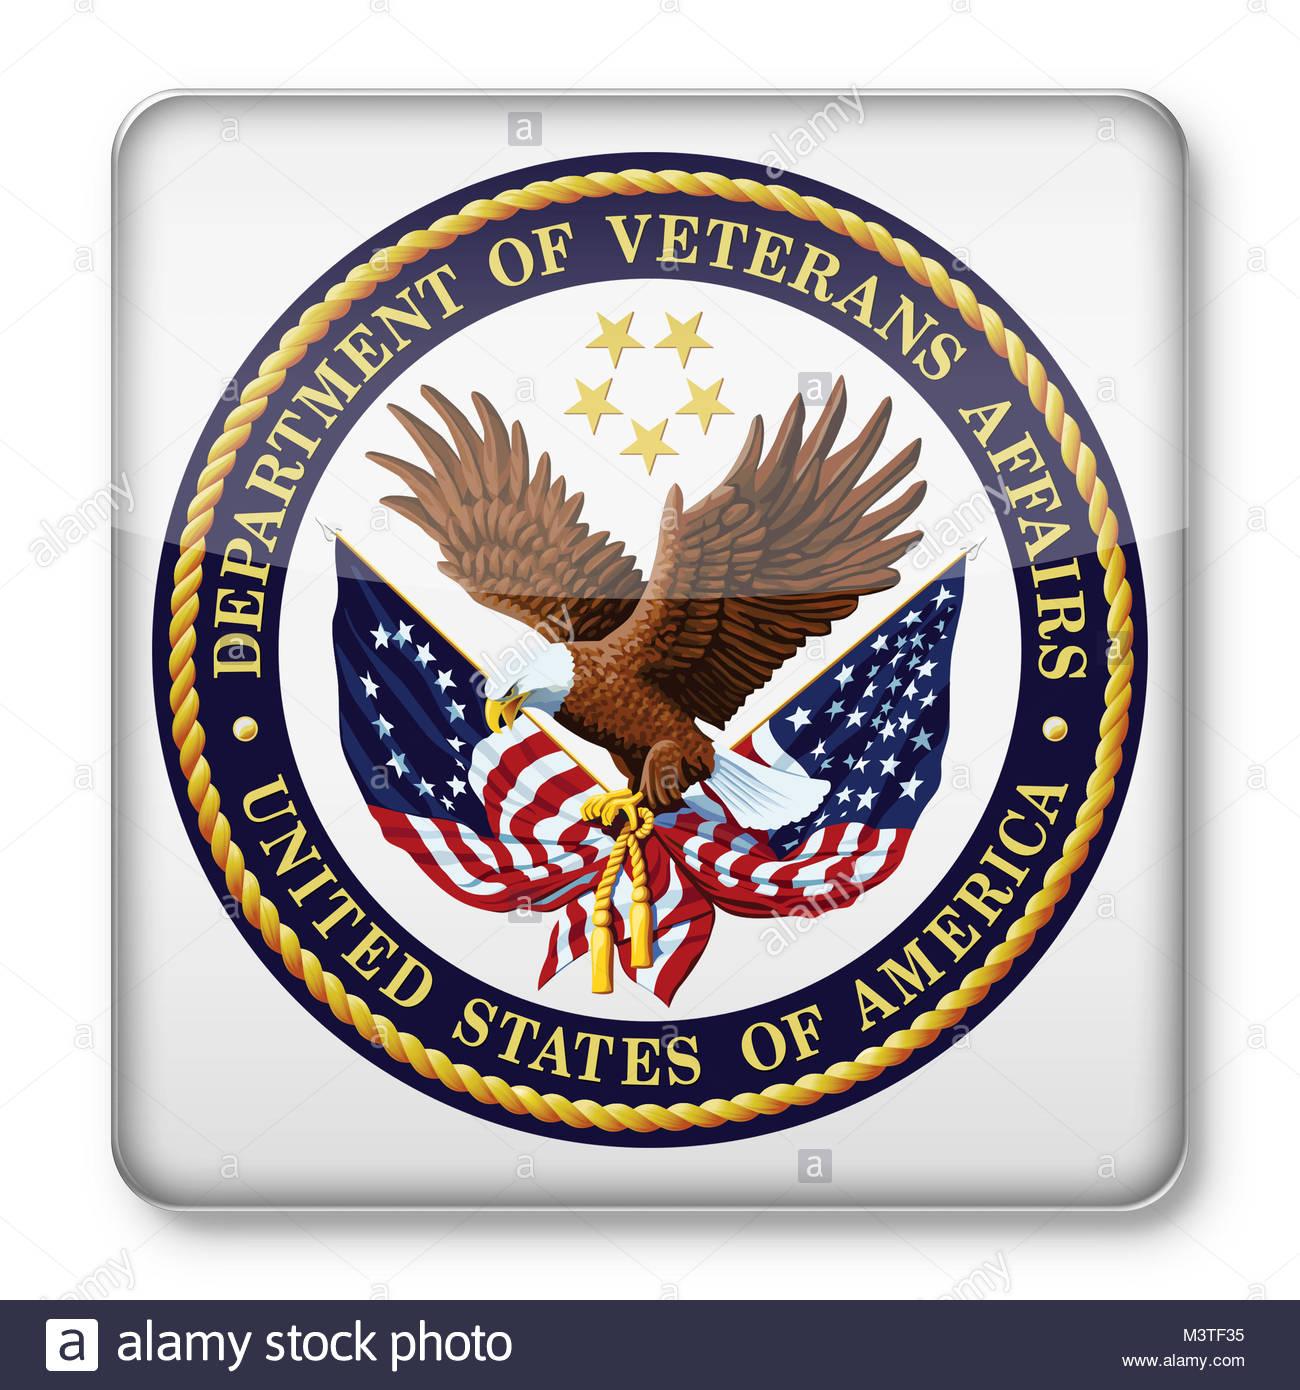 United States Department of Veterans Affairs VA logo icon - Stock Image